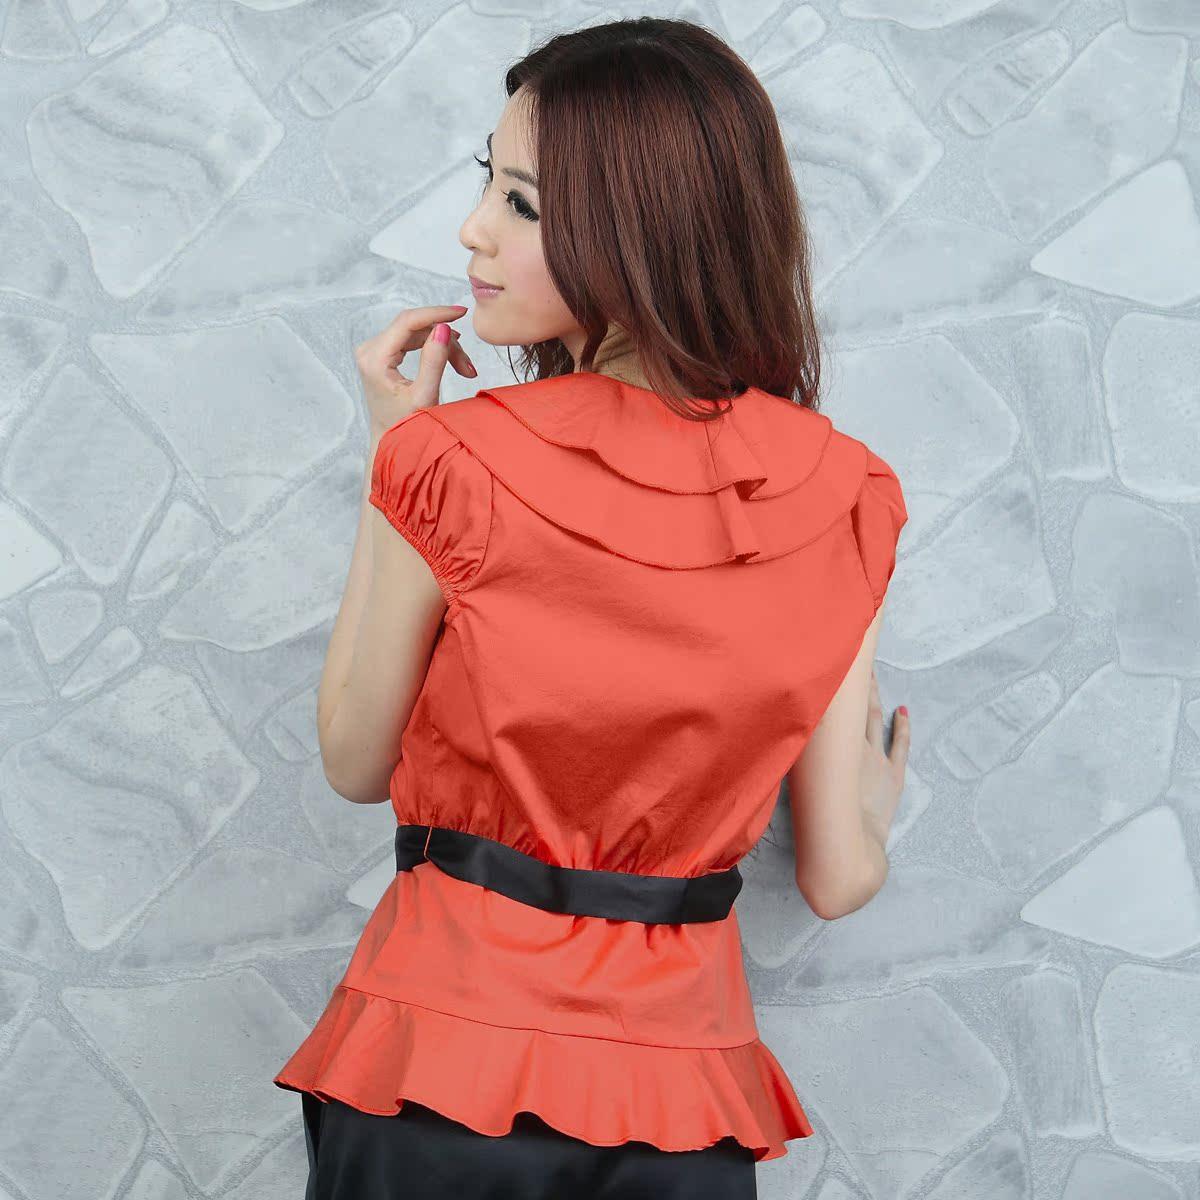 женская рубашка OSA sc00220 OSA2011 C00220 Повседневный Короткий рукав Однотонный цвет Оборка Двухслойный воротник